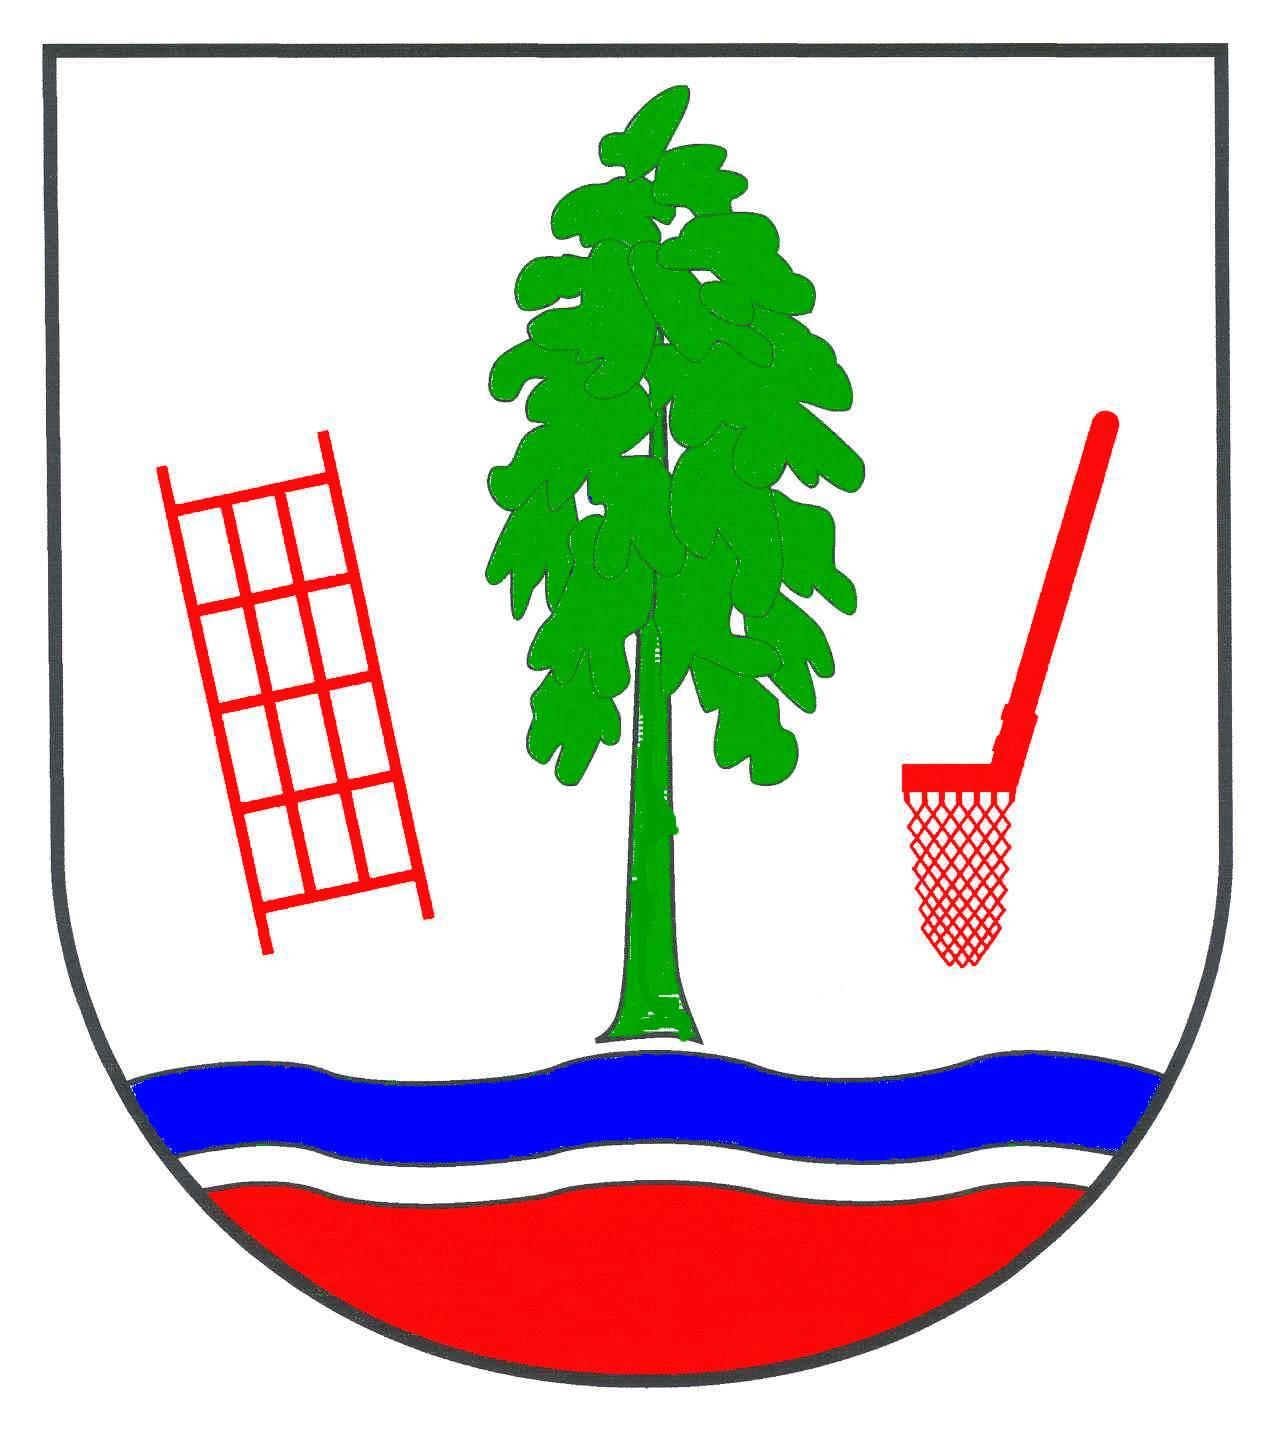 Wappen GemeindeKrempermoor, Kreis Steinburg